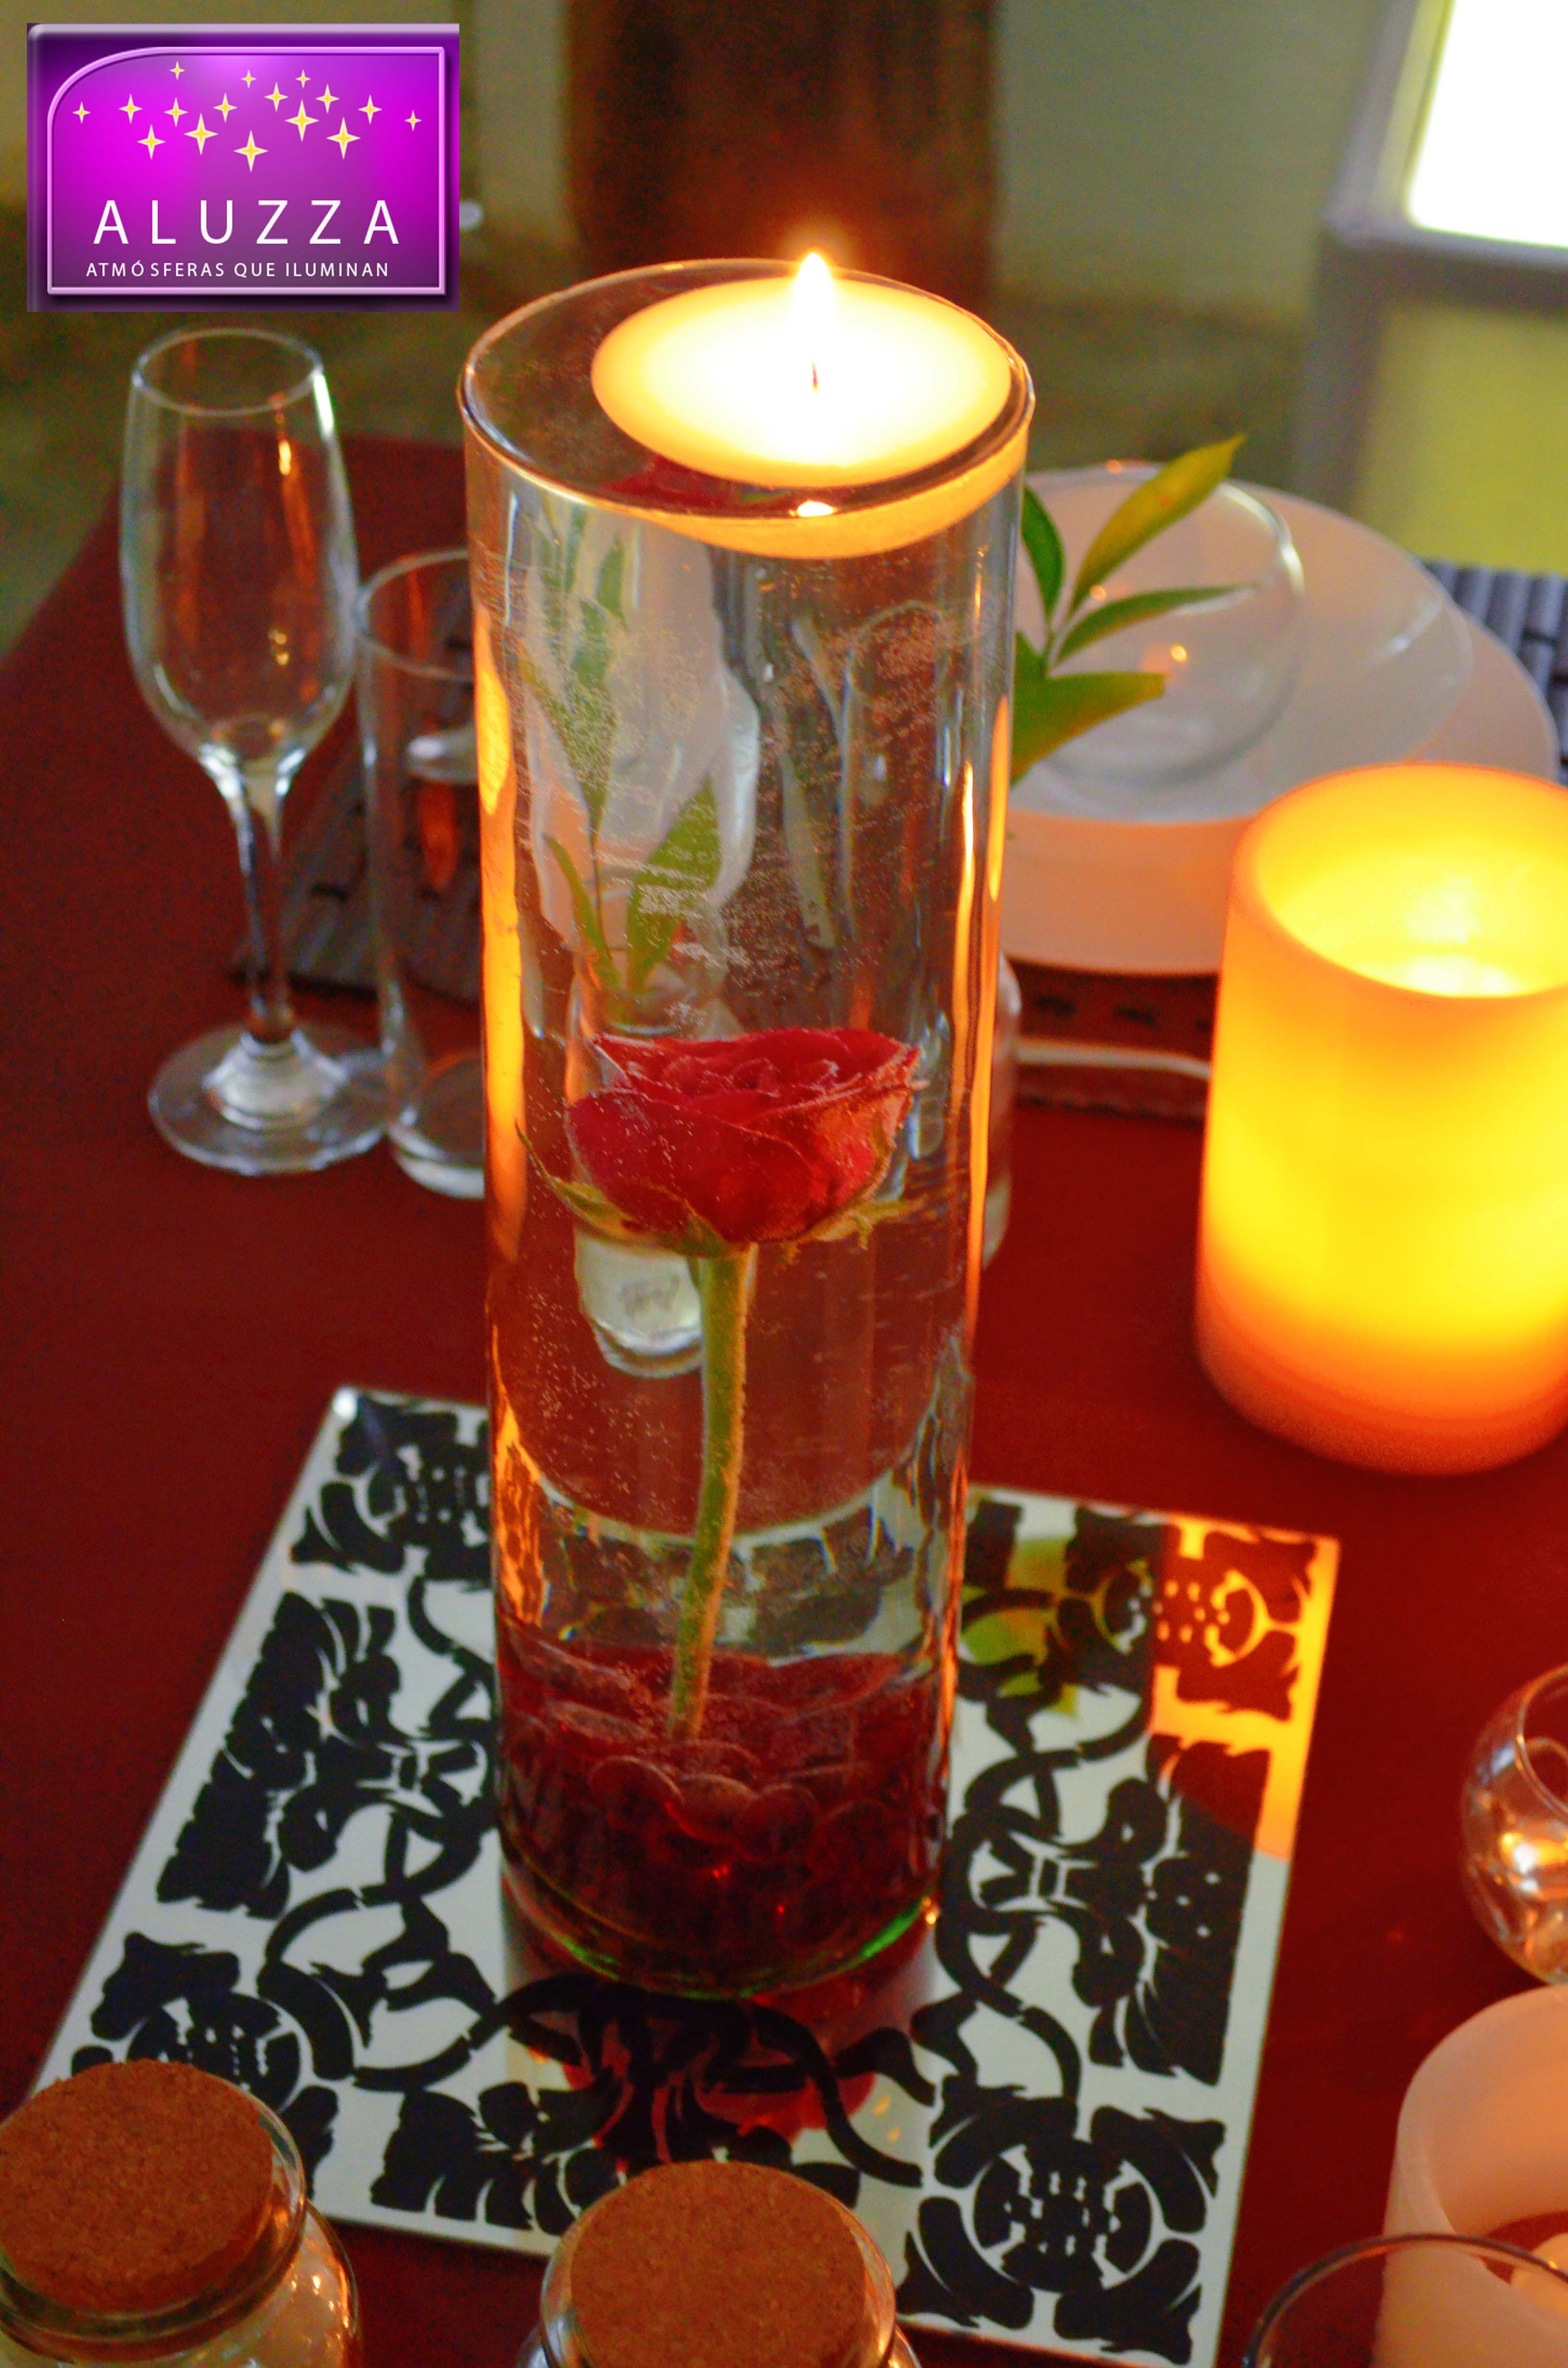 Centro de mesa de cilindro de vidrio con gema color rojo y - Mesas de centro de vidrio ...